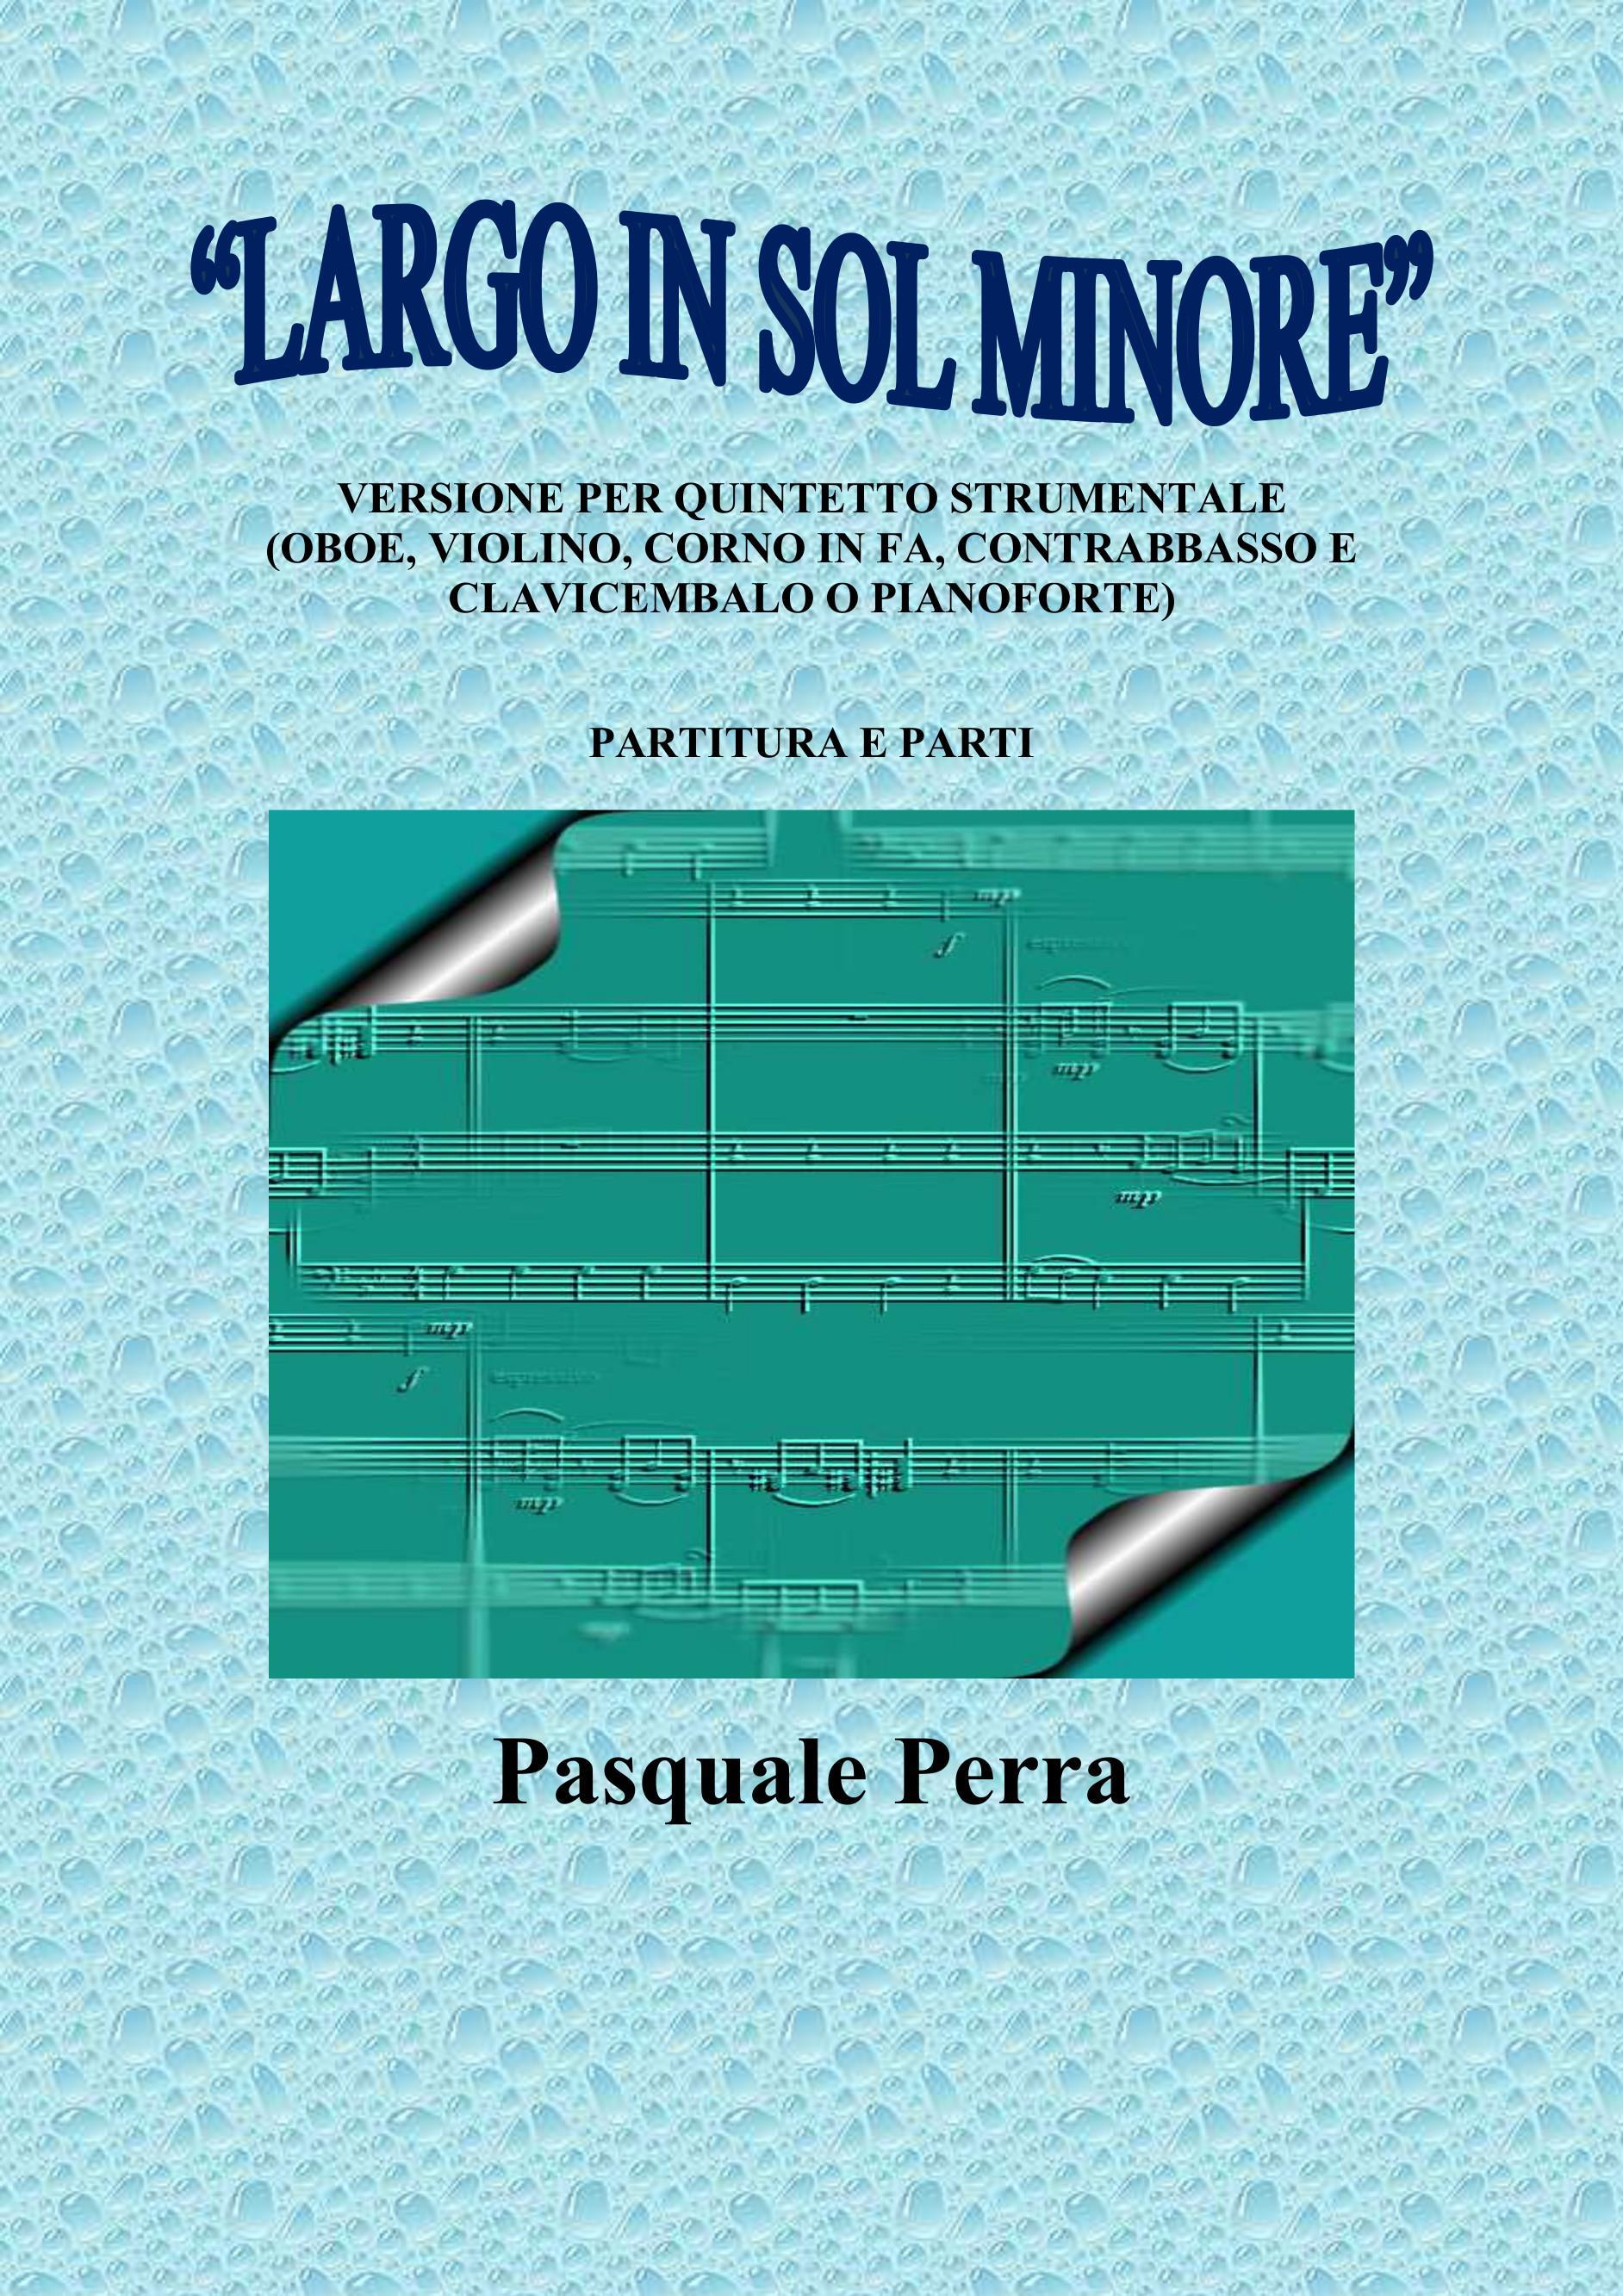 """""""Largo in sol minore"""", versione per quintetto strumentale (oboe, violino, corno in fa, contrabbasso e clavicembalo o pianoforte) con partitura e parti per i vari strumenti."""